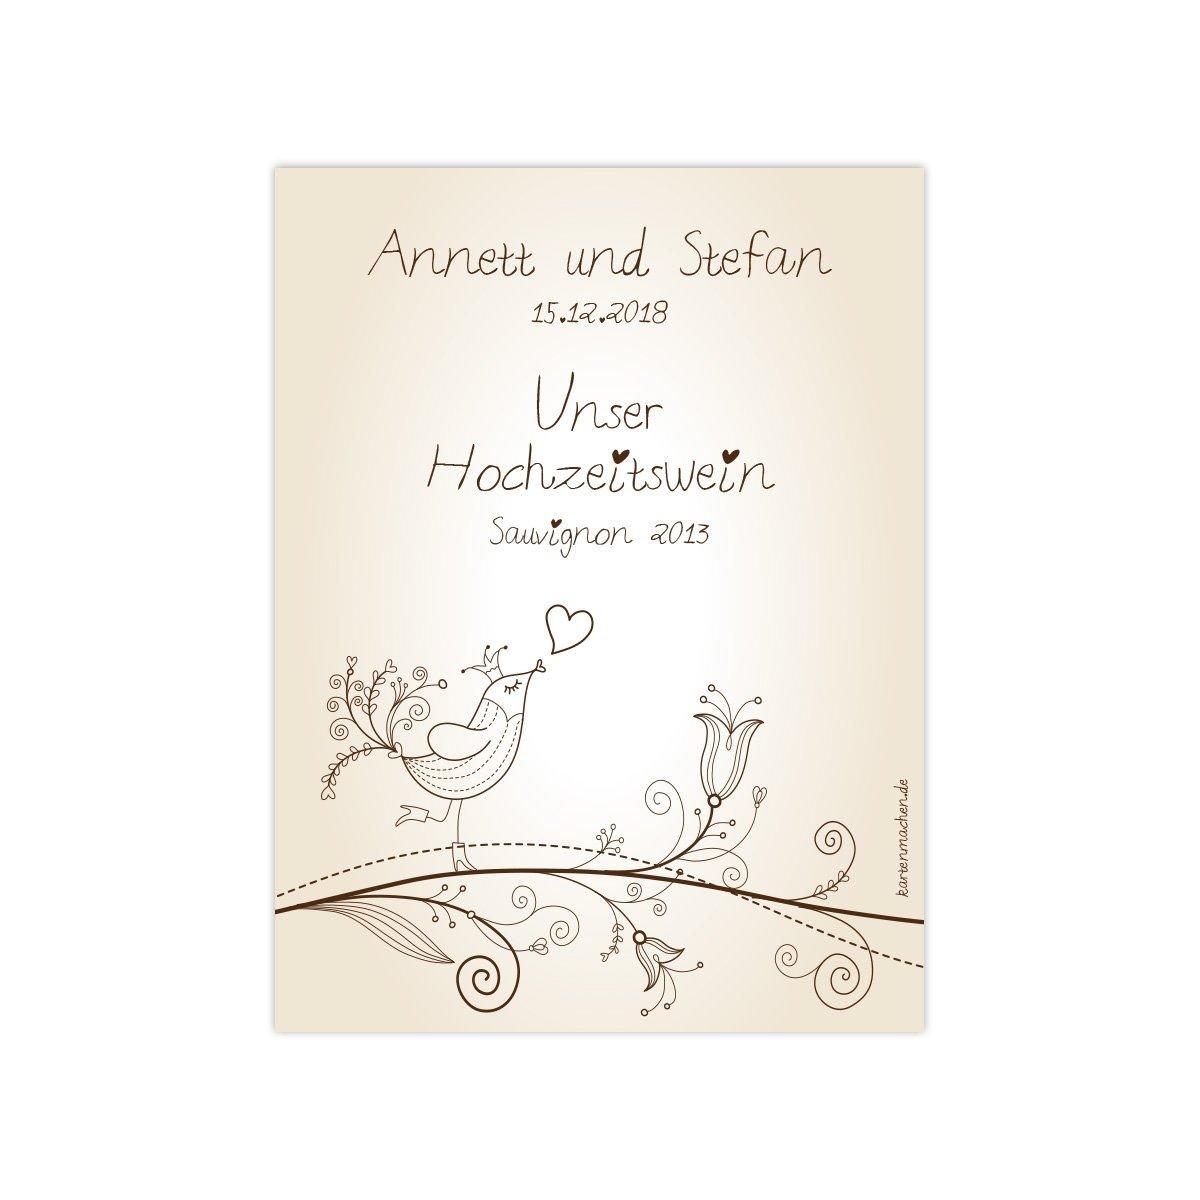 20 x Flaschenetikett Hochzeit Aufkleber Etikett Etikett Etikett selbstklebend - Liebesbaum B077XMCLP6 | Schöne Farbe  | Creative  | Sale Outlet  de10a6